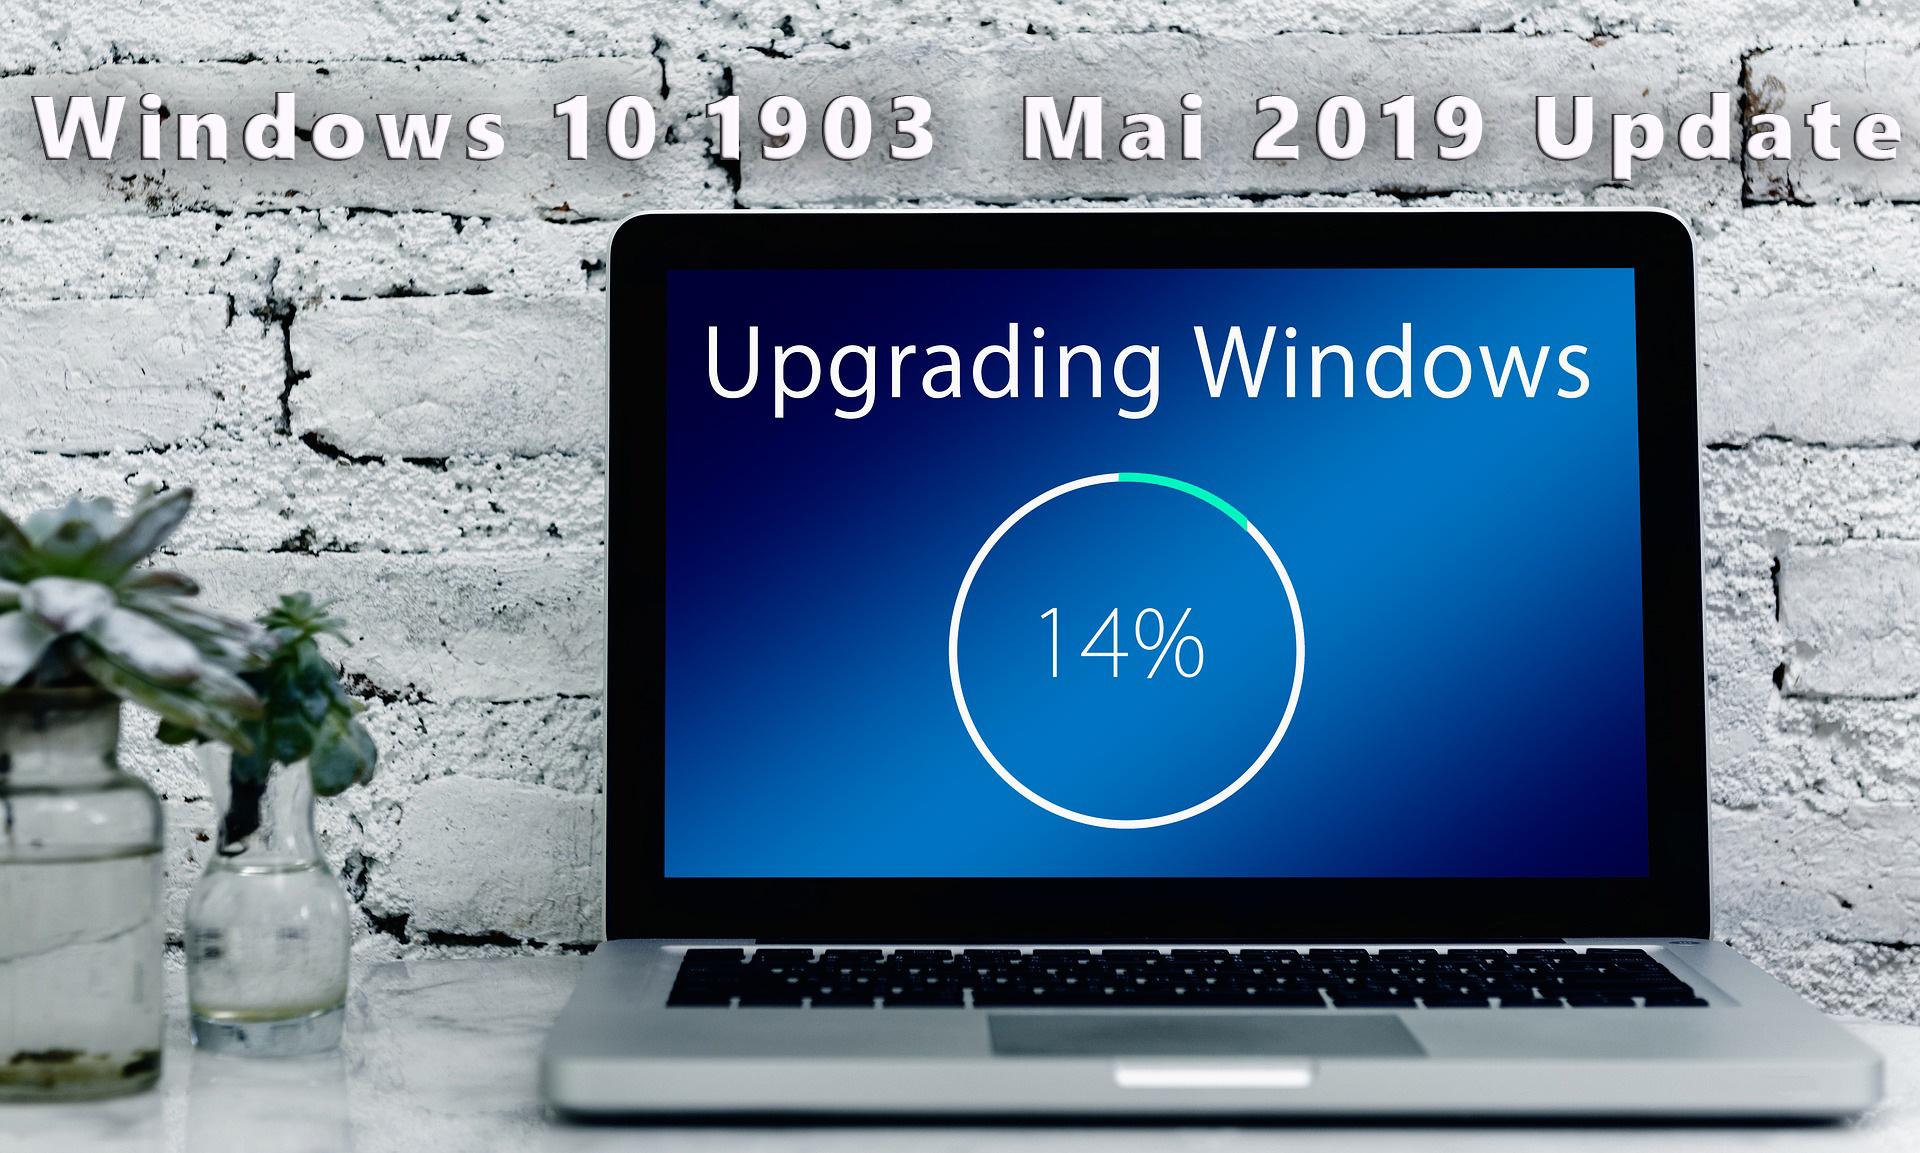 Windows 10 1903 Update bricht mit Hardwarefehler Meldung ab